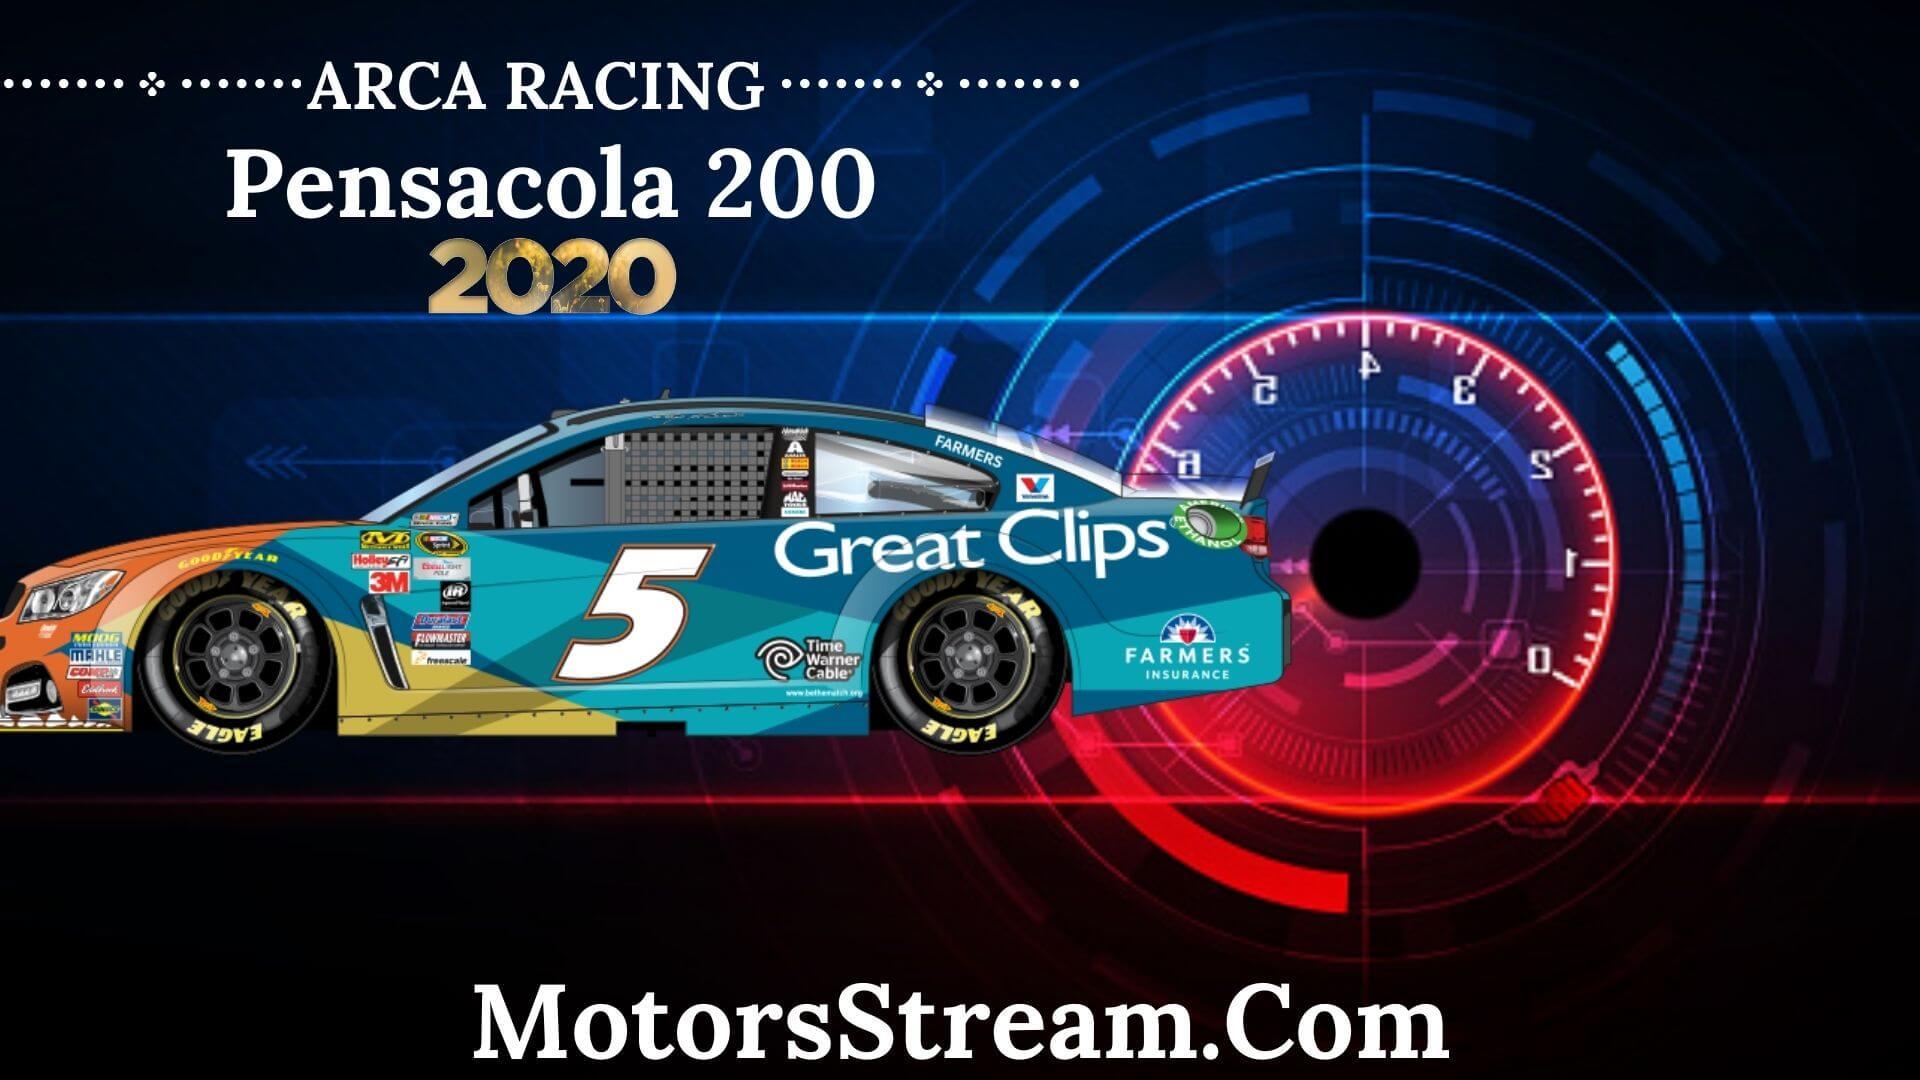 Pensacola 200 ARCA Menards Series Live Stream